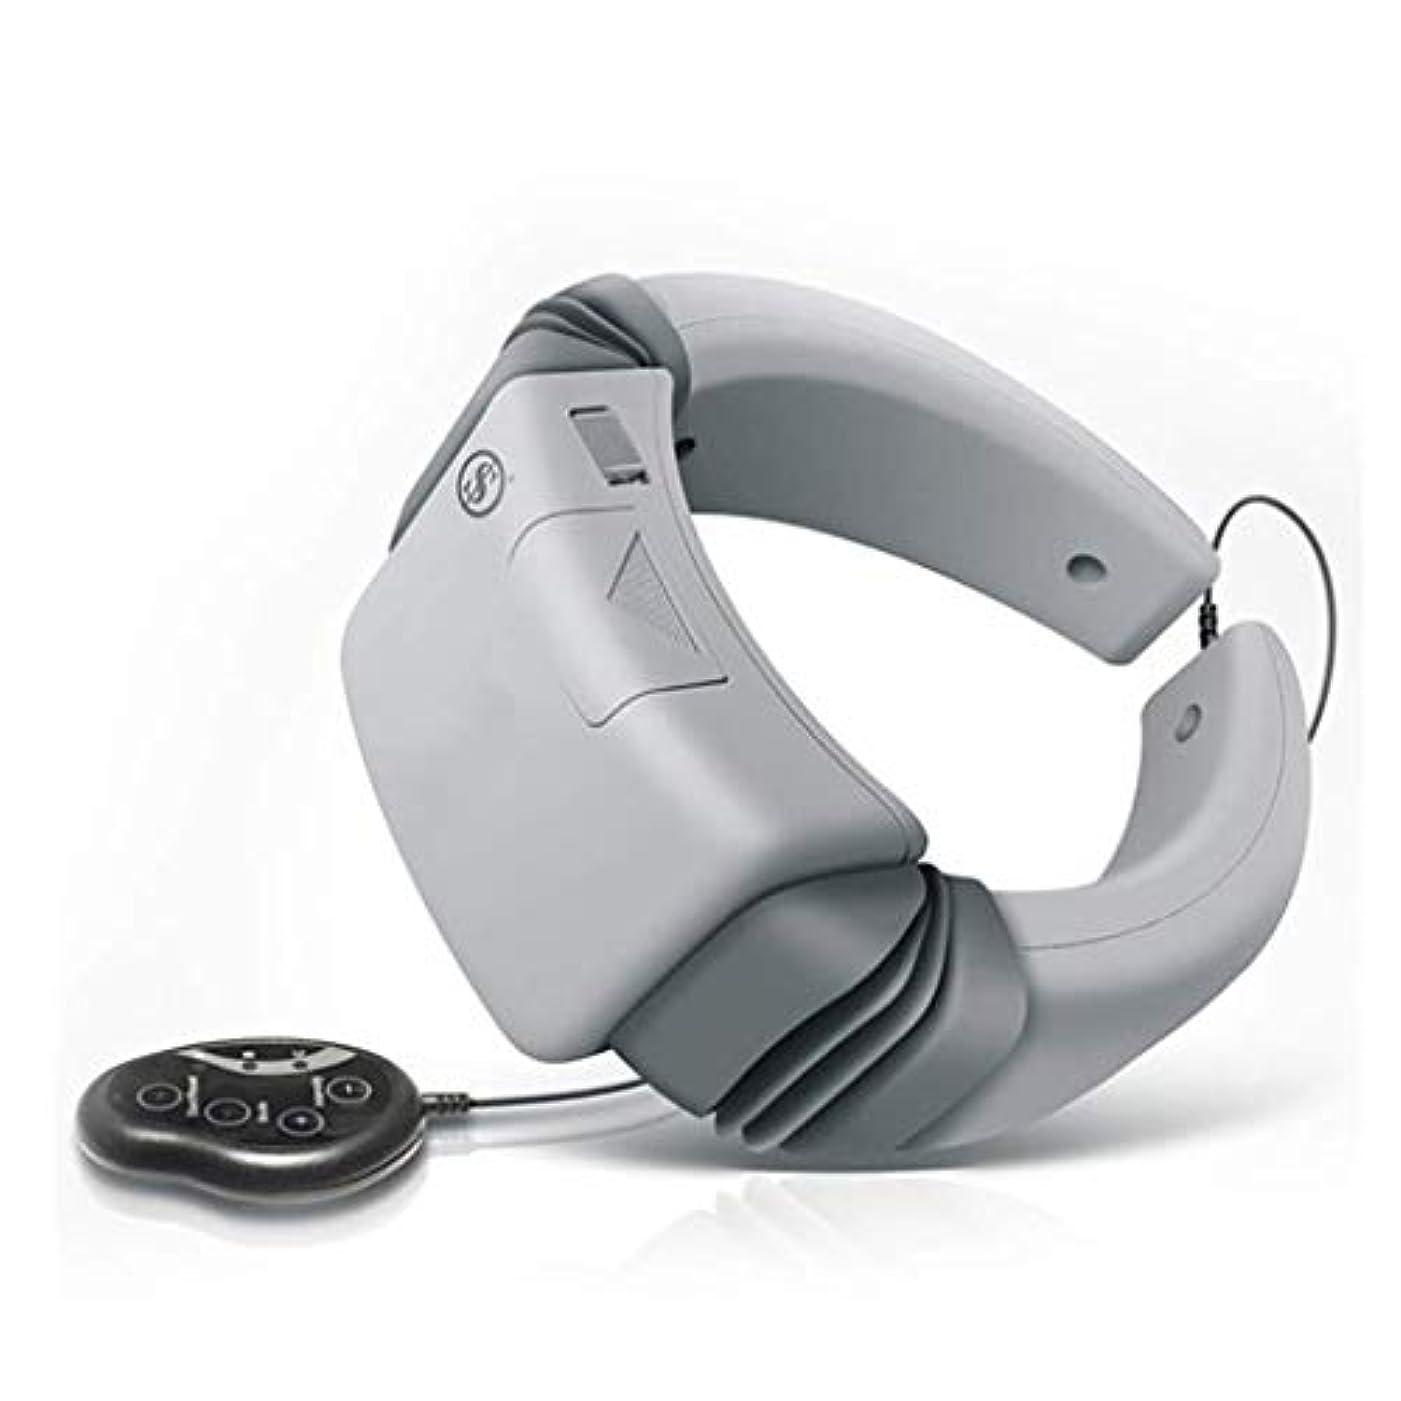 十代の若者たちやろう悲鳴首のマッサージャー、電気マッサージャー、磁気療法の頚部マッサージャー、首の処置の器械は苦痛救助、頚部の刺鍼術の処置器械を改善します